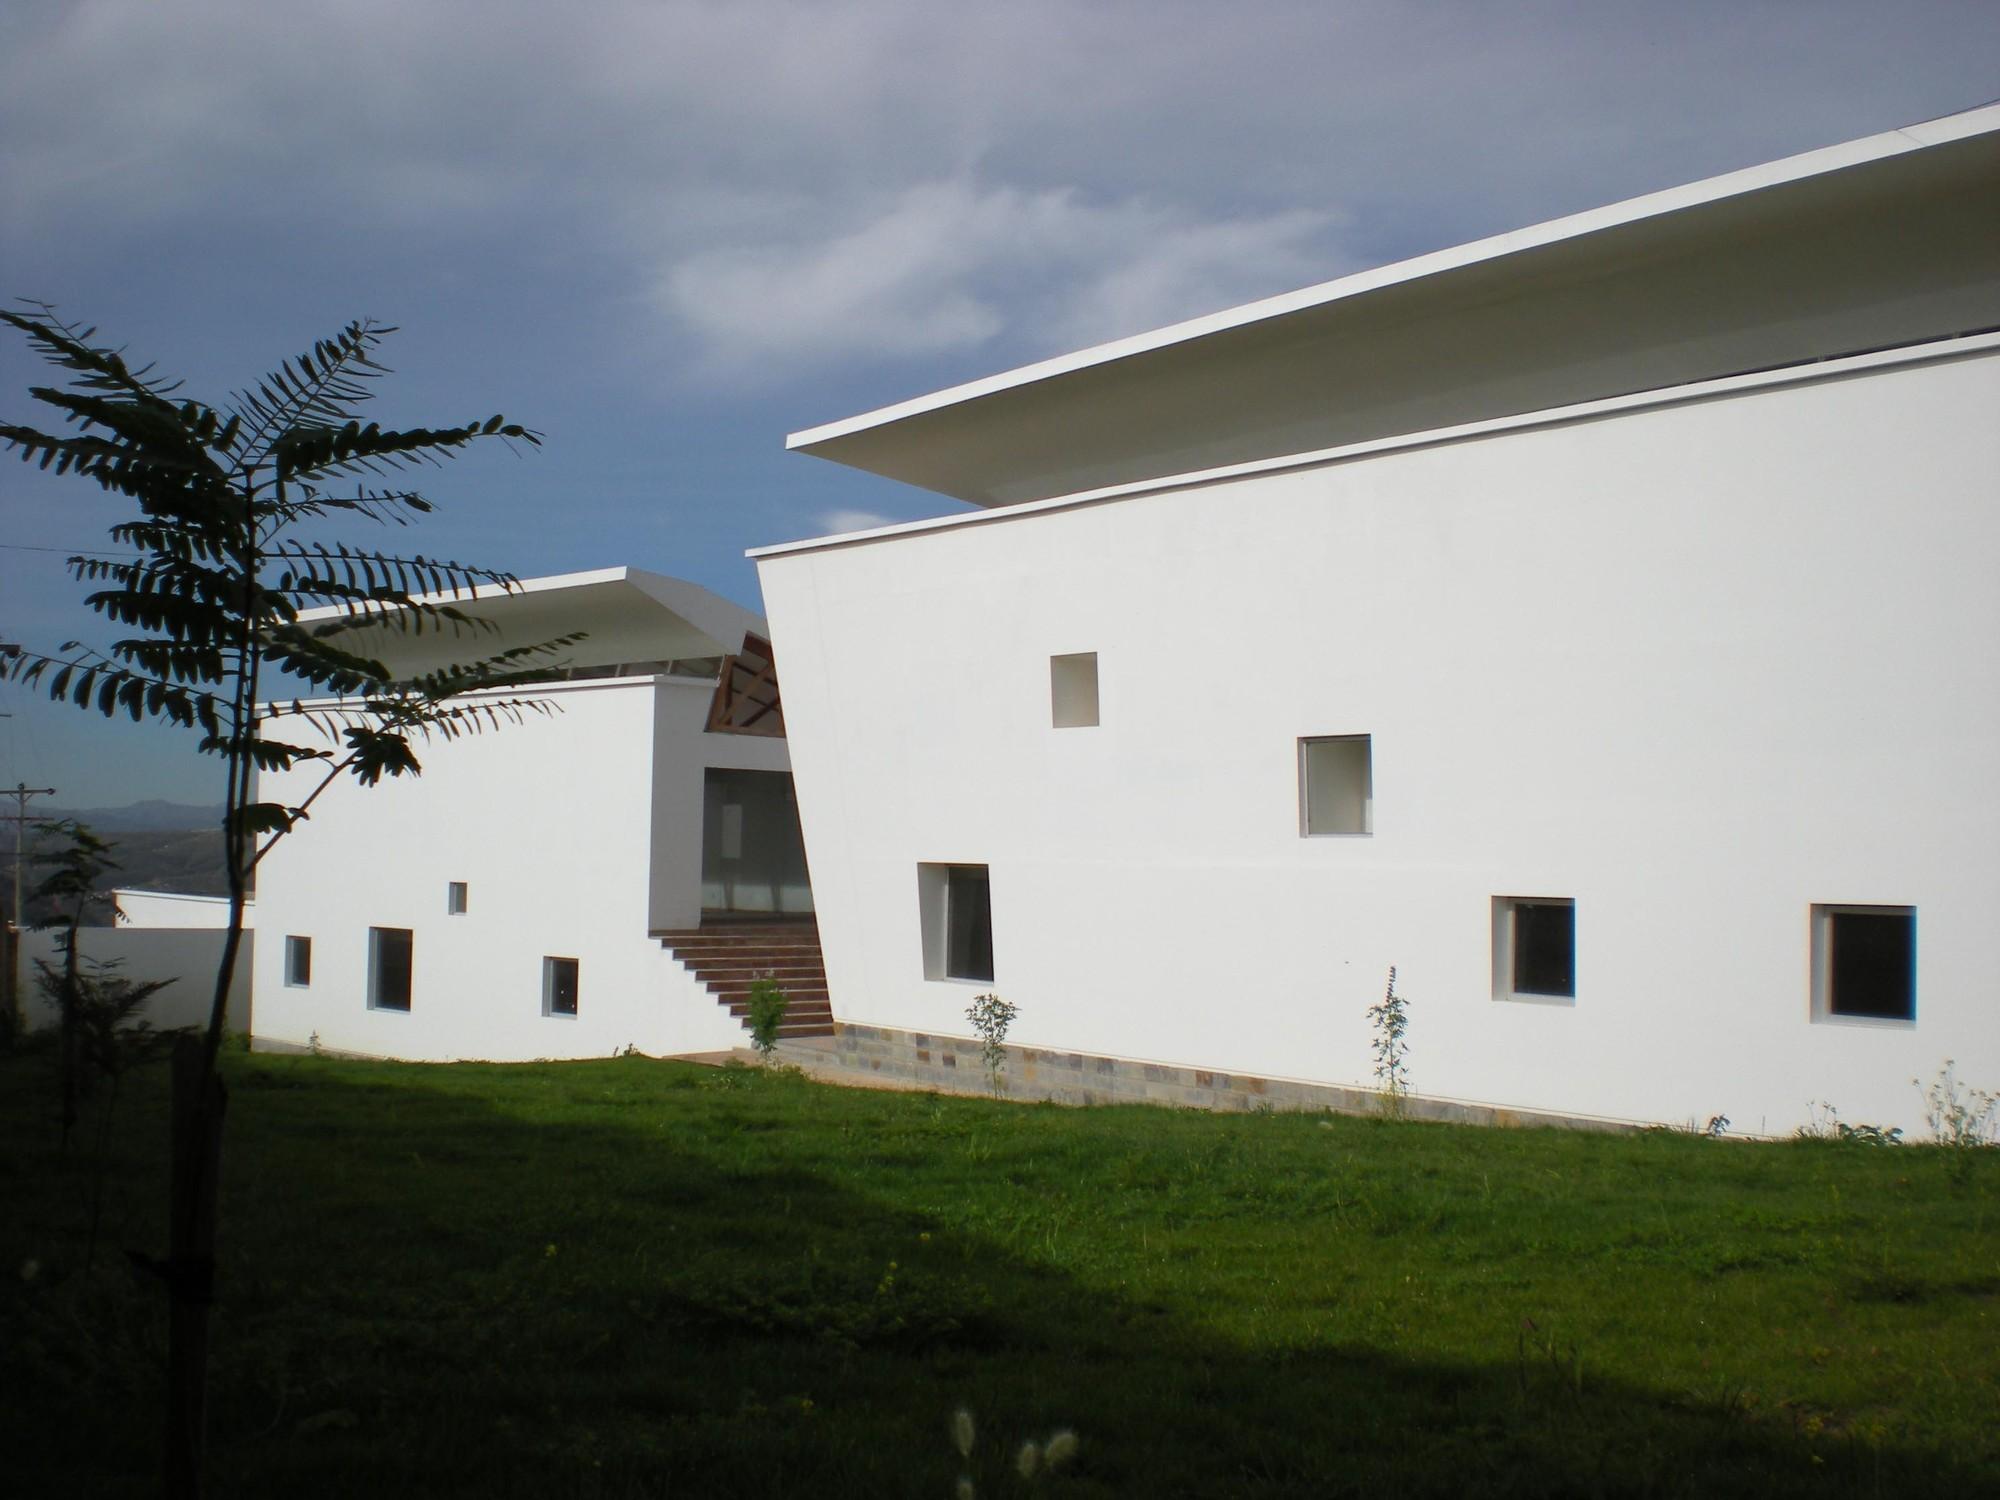 Campus UASB / G CdR Arquitectos, © Carlos Aramayo Baeza